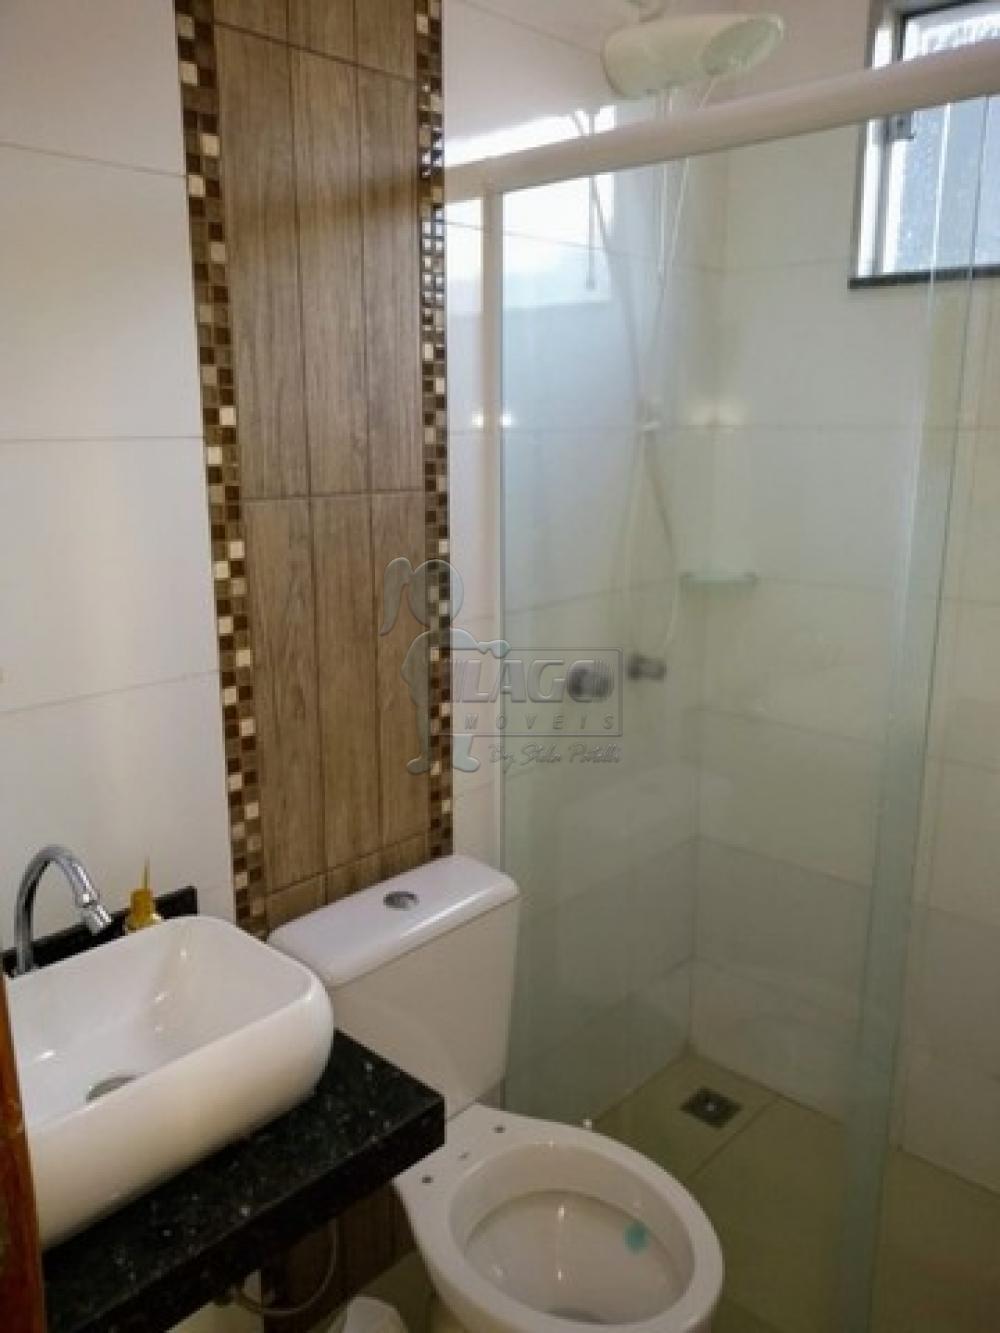 Comprar Casas / Padrão em Sertãozinho R$ 440.000,00 - Foto 13